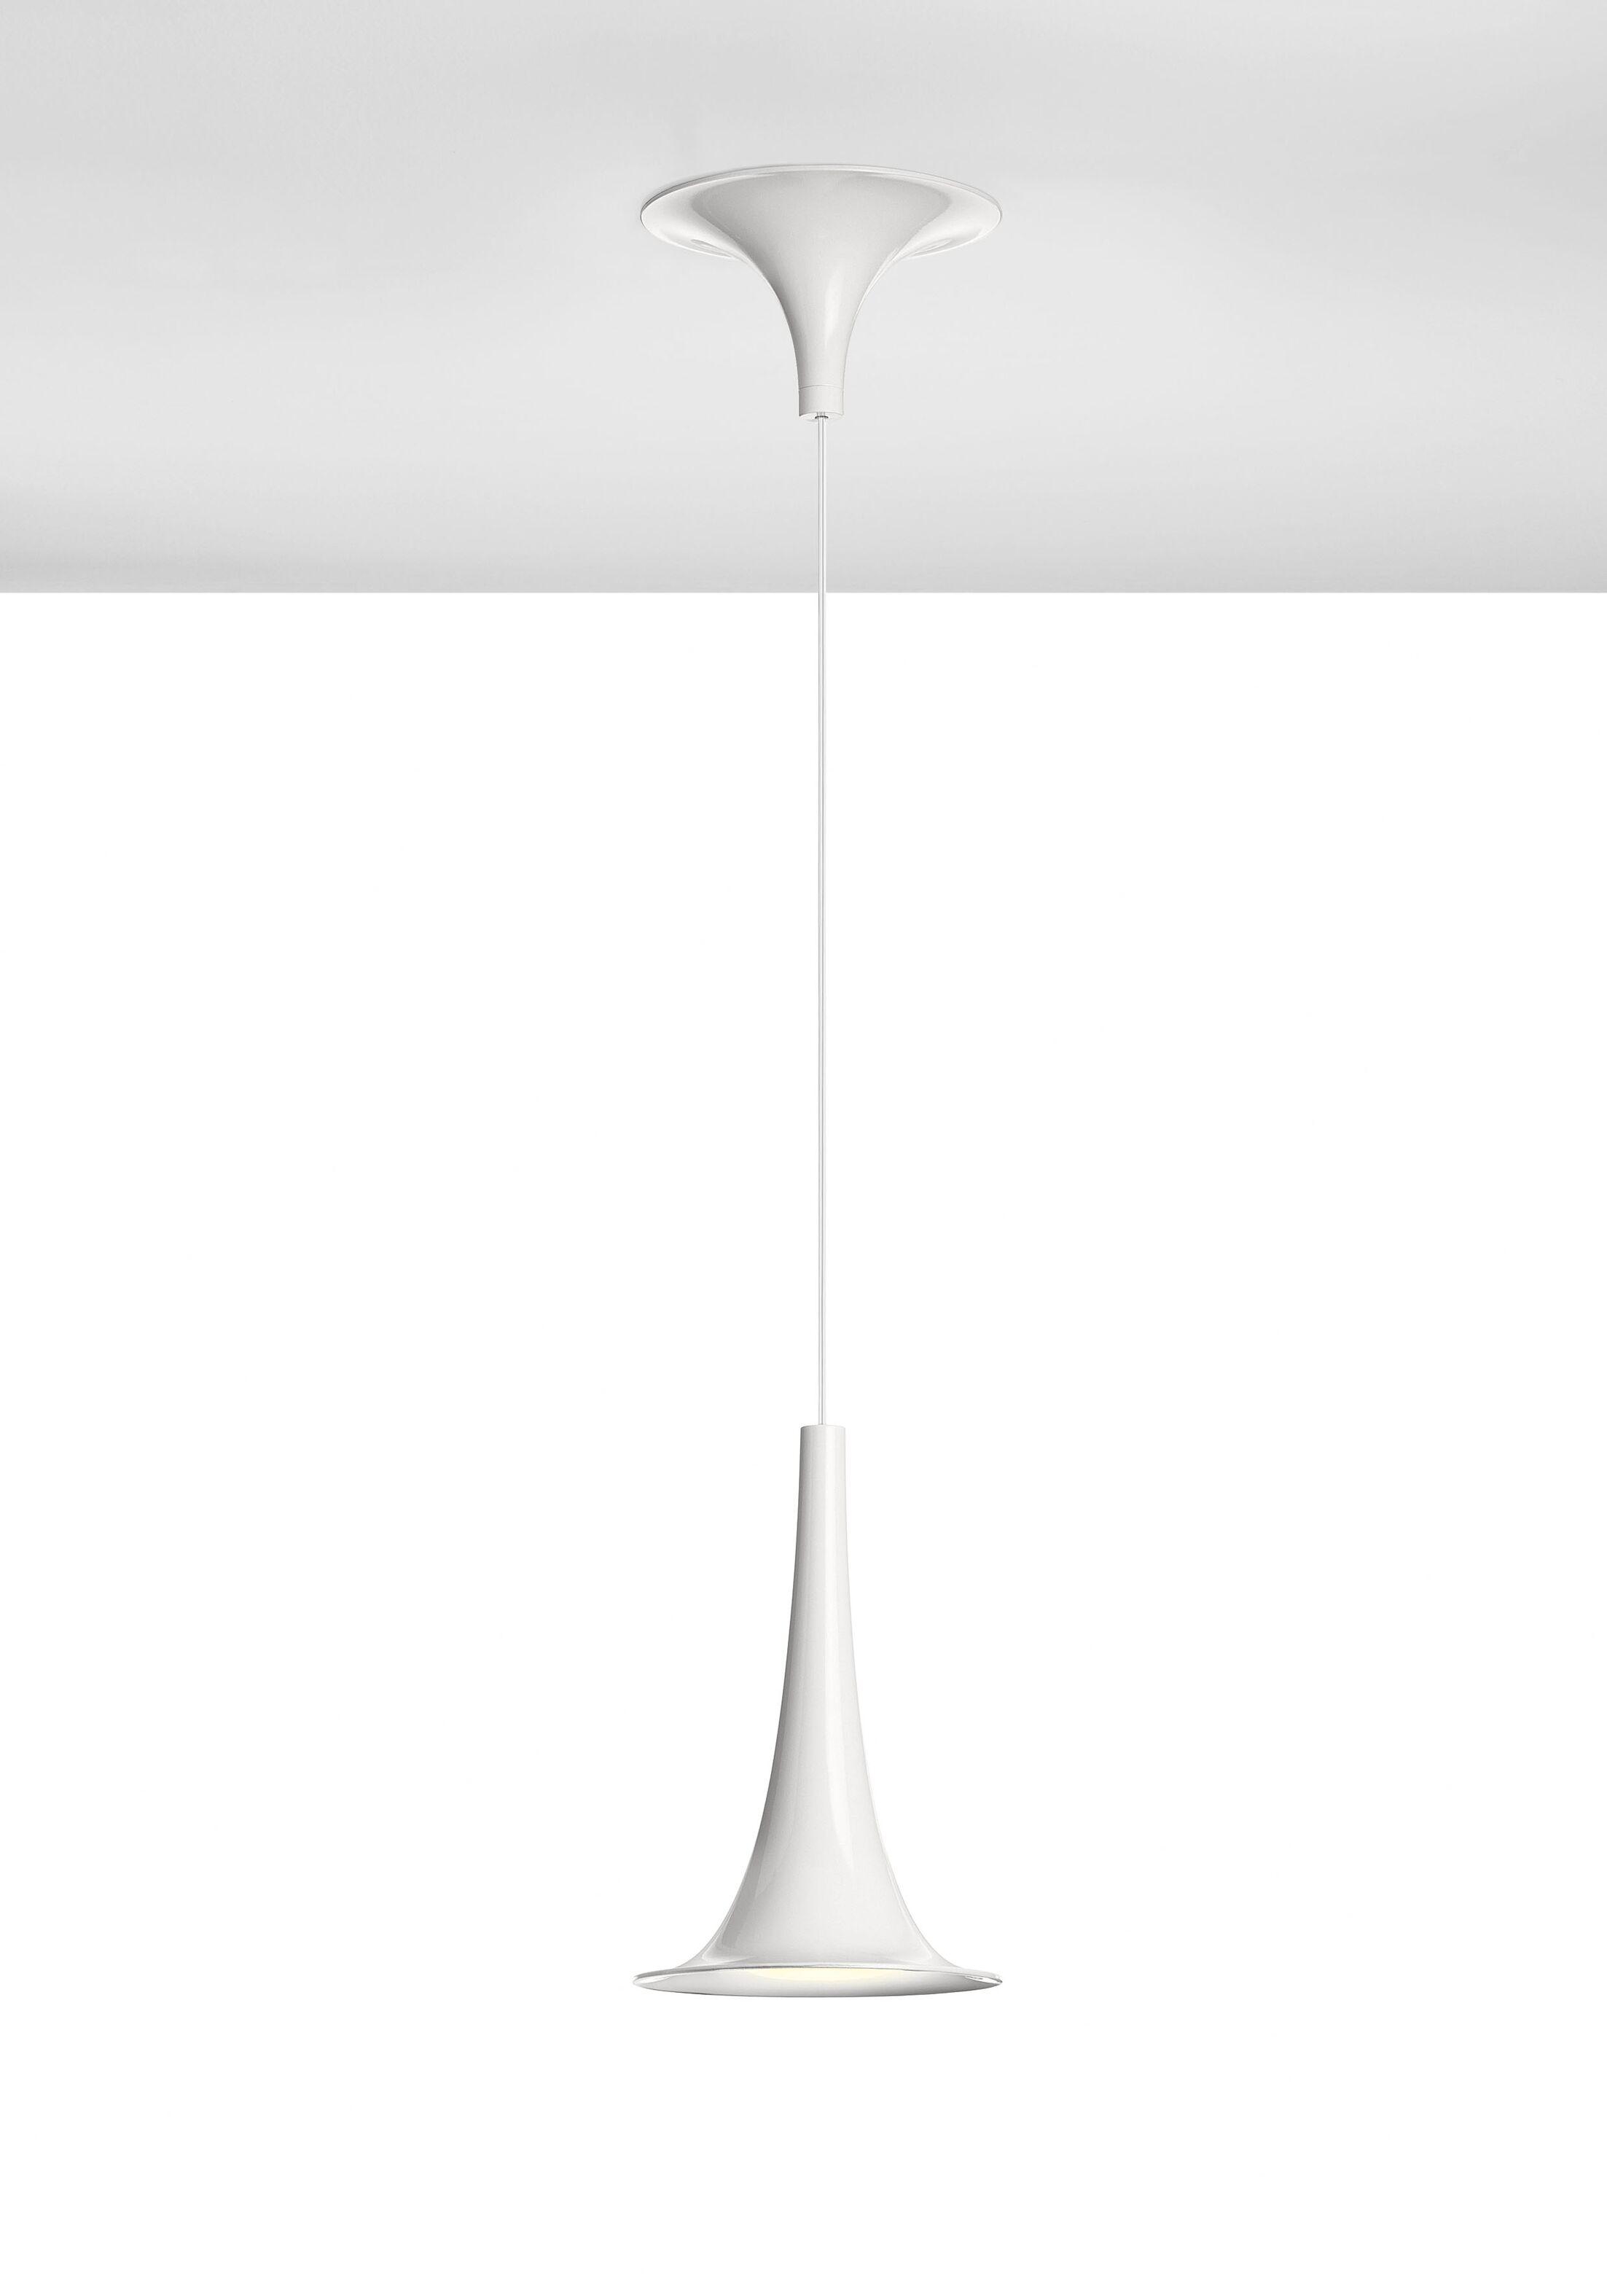 Nafir 1-Light Cone Pendant Color: Outside White / Inside White